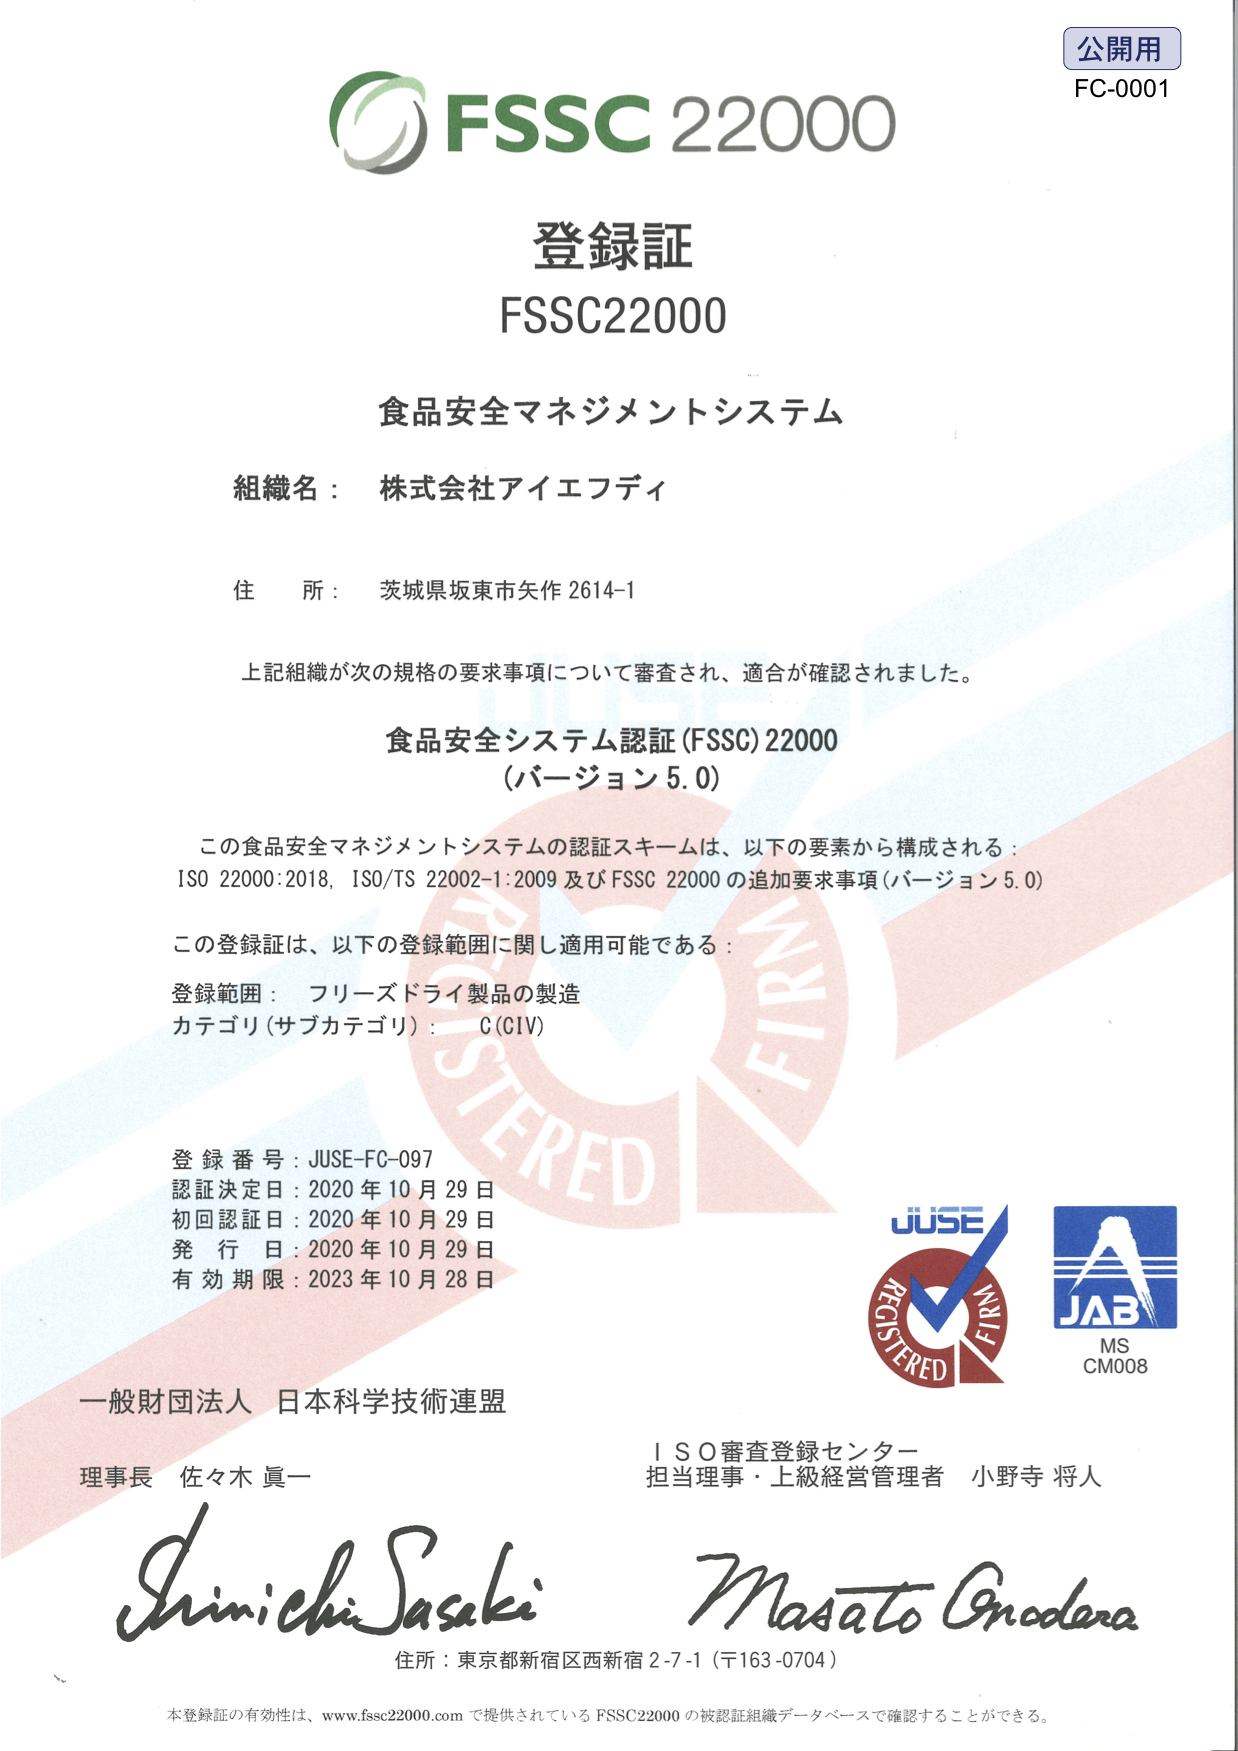 ISO22000とは